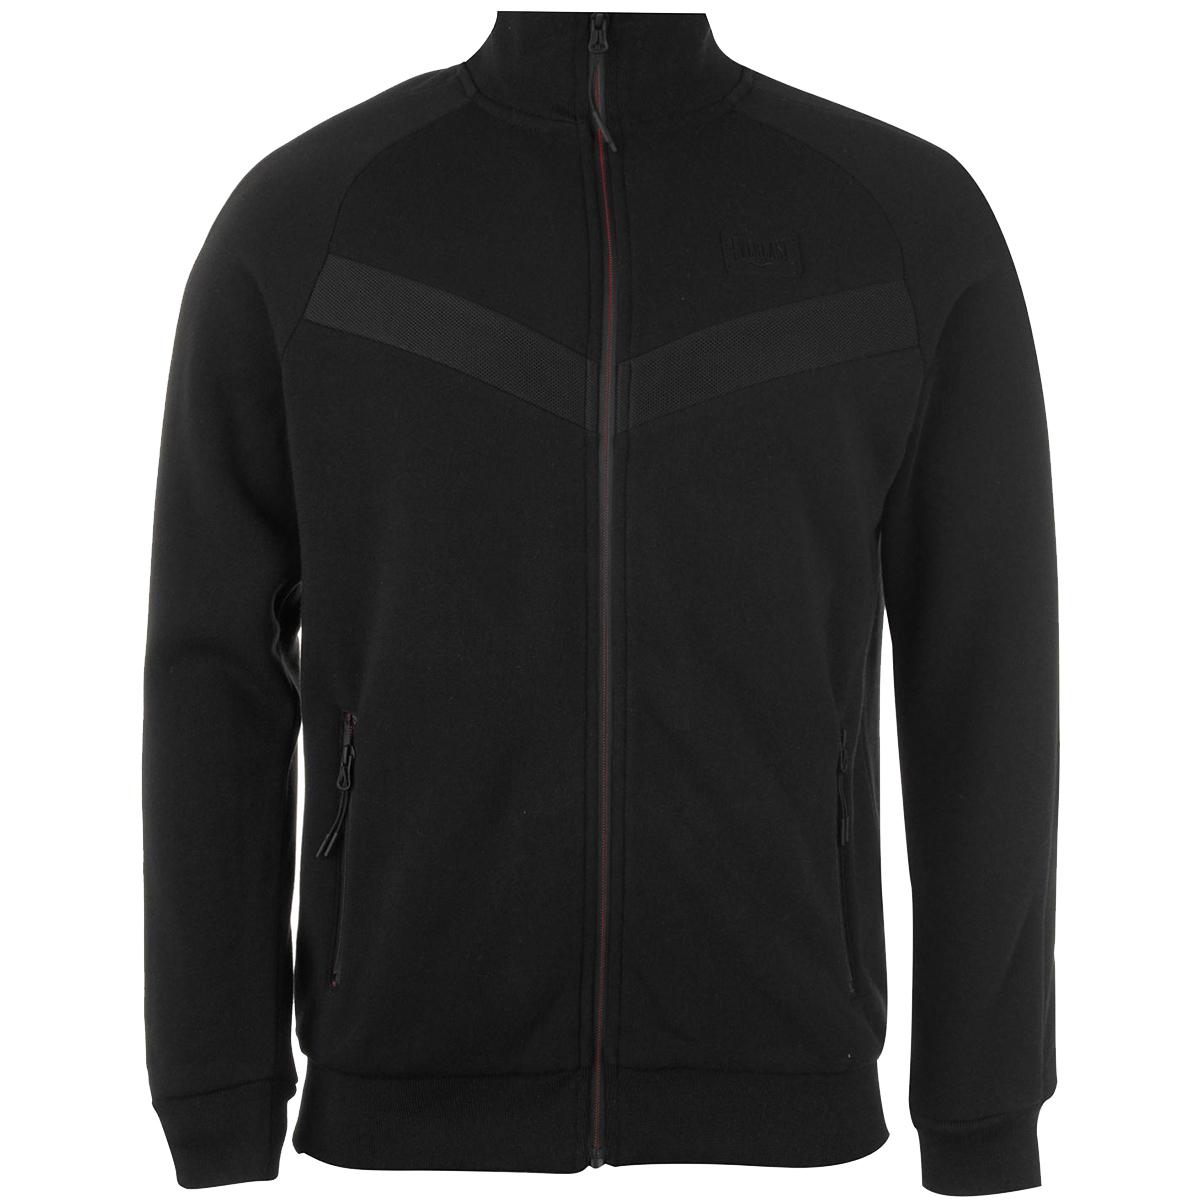 Everlast Men's Premium Zip Sweater - Black, M